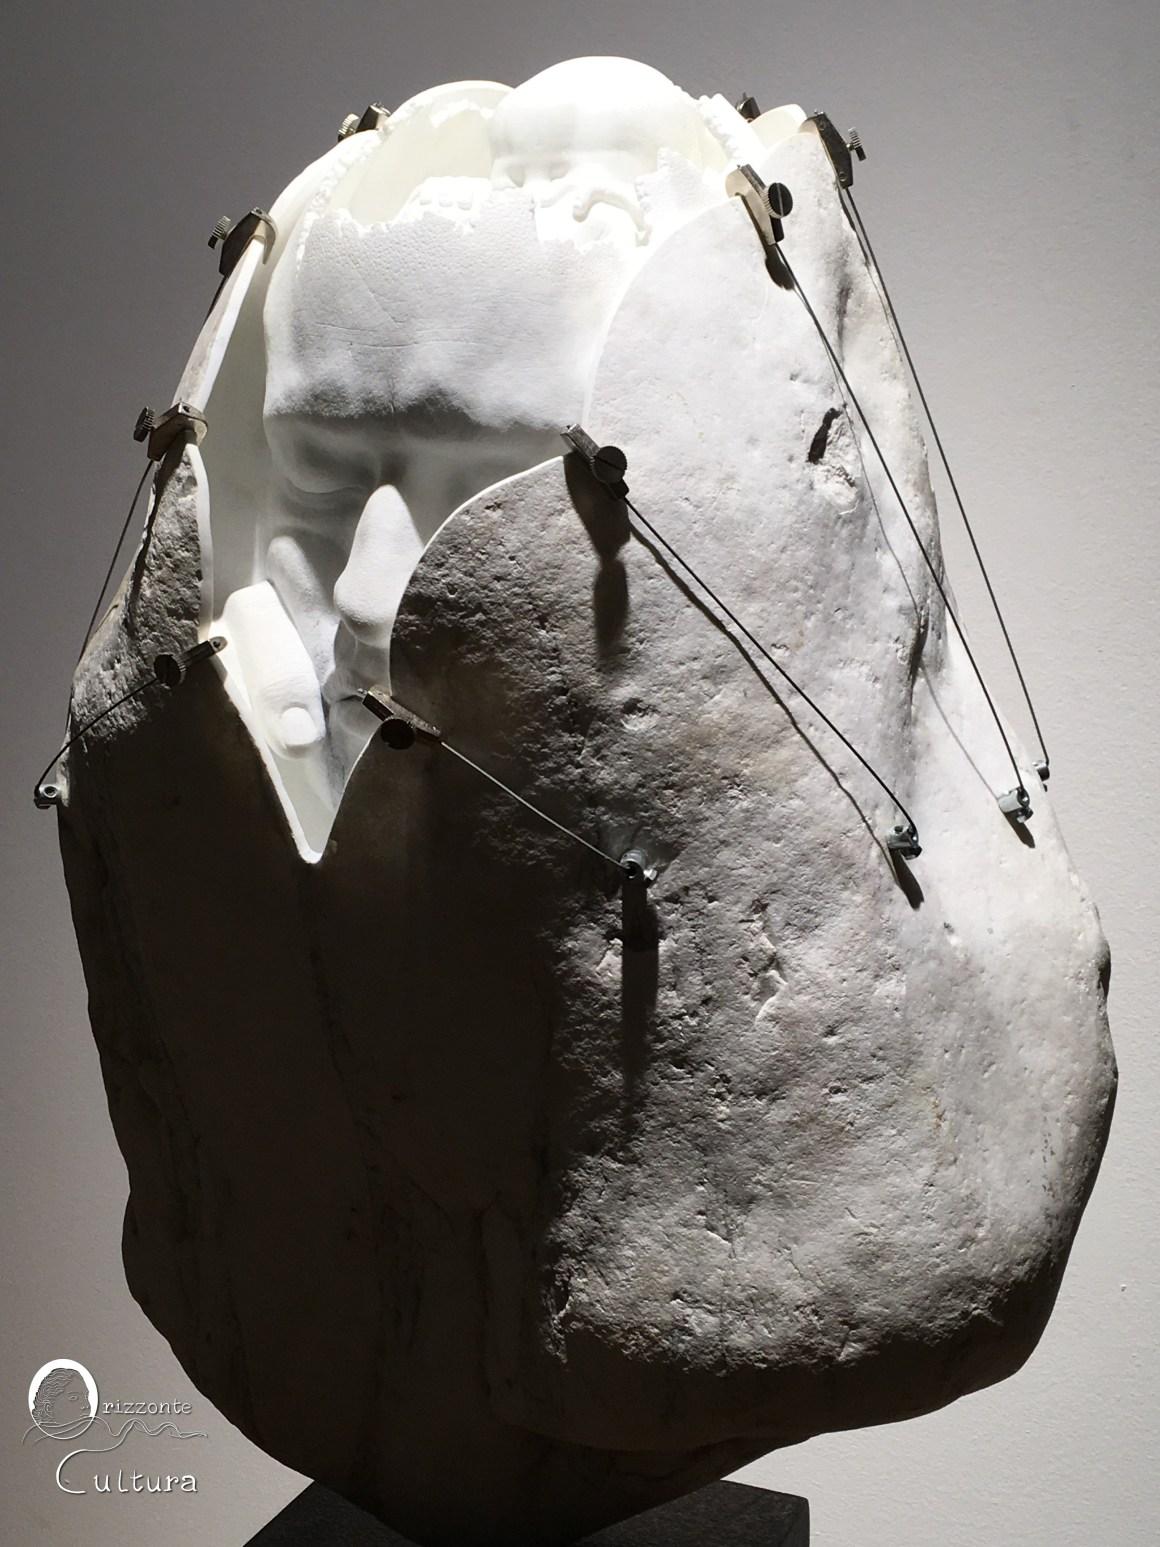 """Memoria di sé da Jago """"Habemus Hominem"""" al Museo Carlo Bilotti - Orizzonte Cultura (ph. I.M. Melis)"""